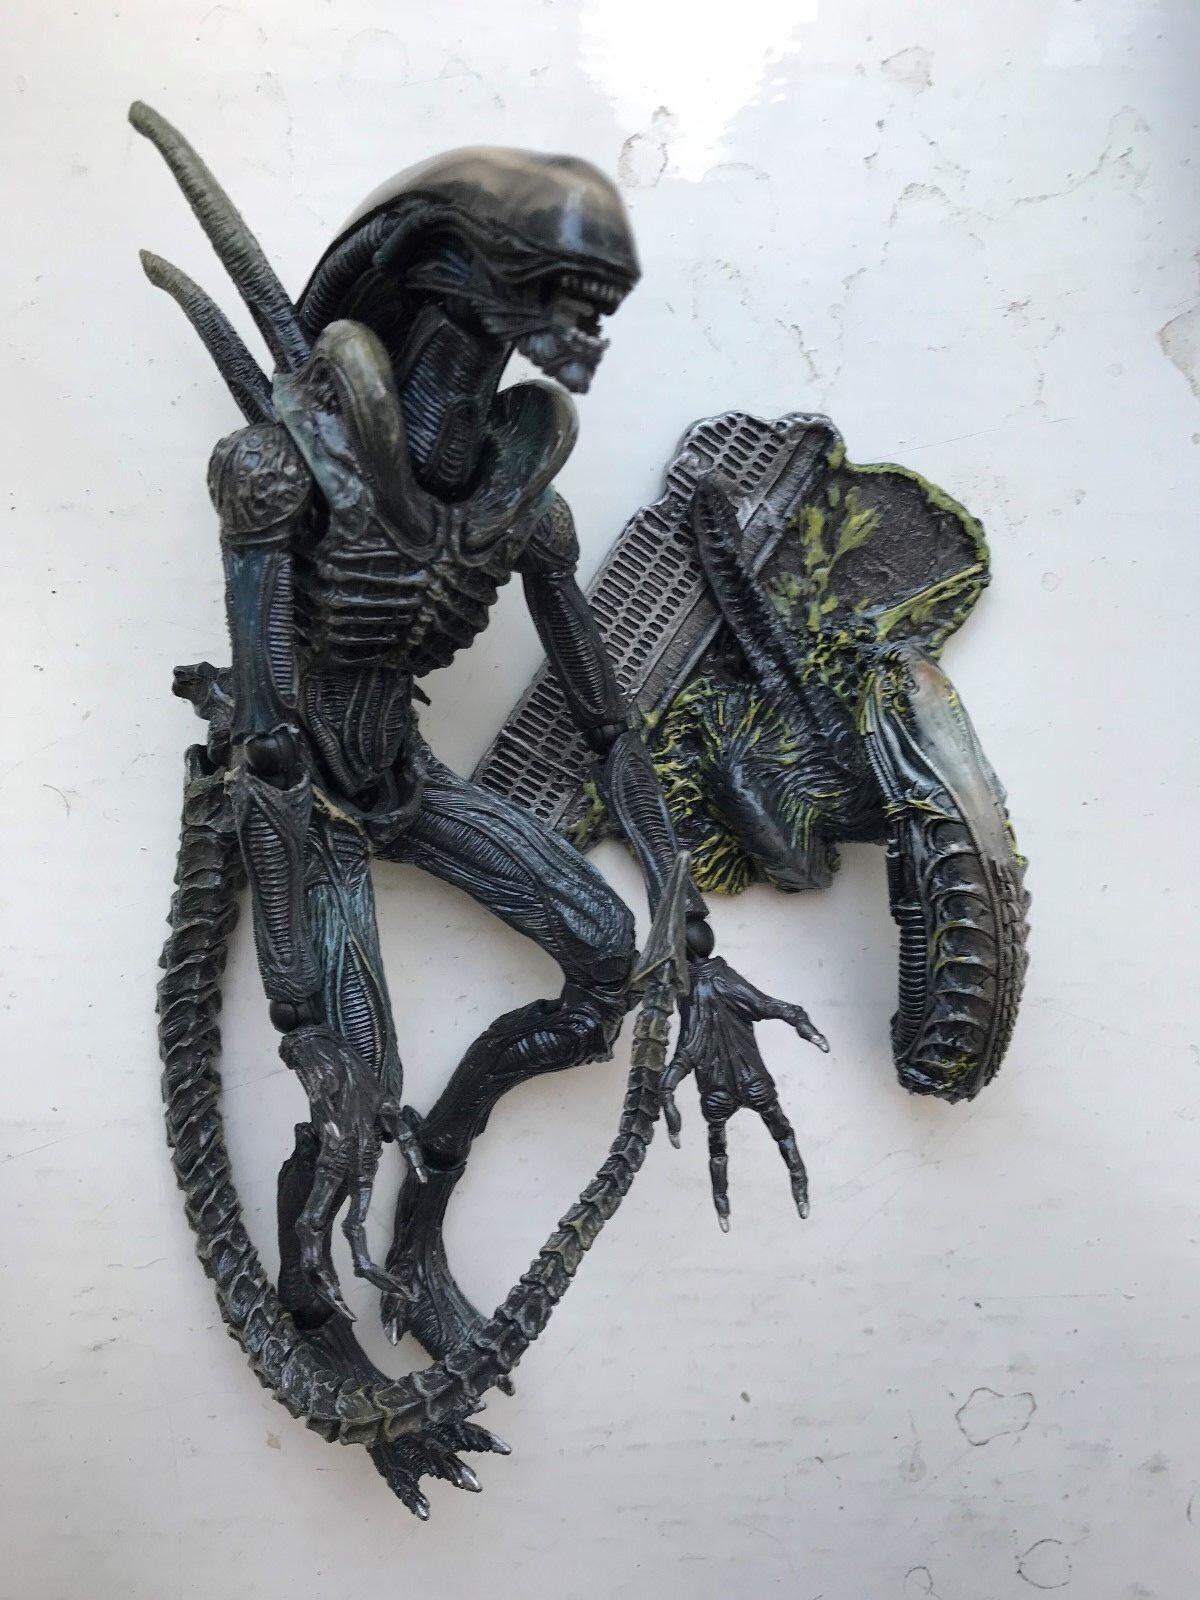 Jugar Arts Kai Alien 3 serie coronel Marines acecho Figura de Acción Vs Projoator